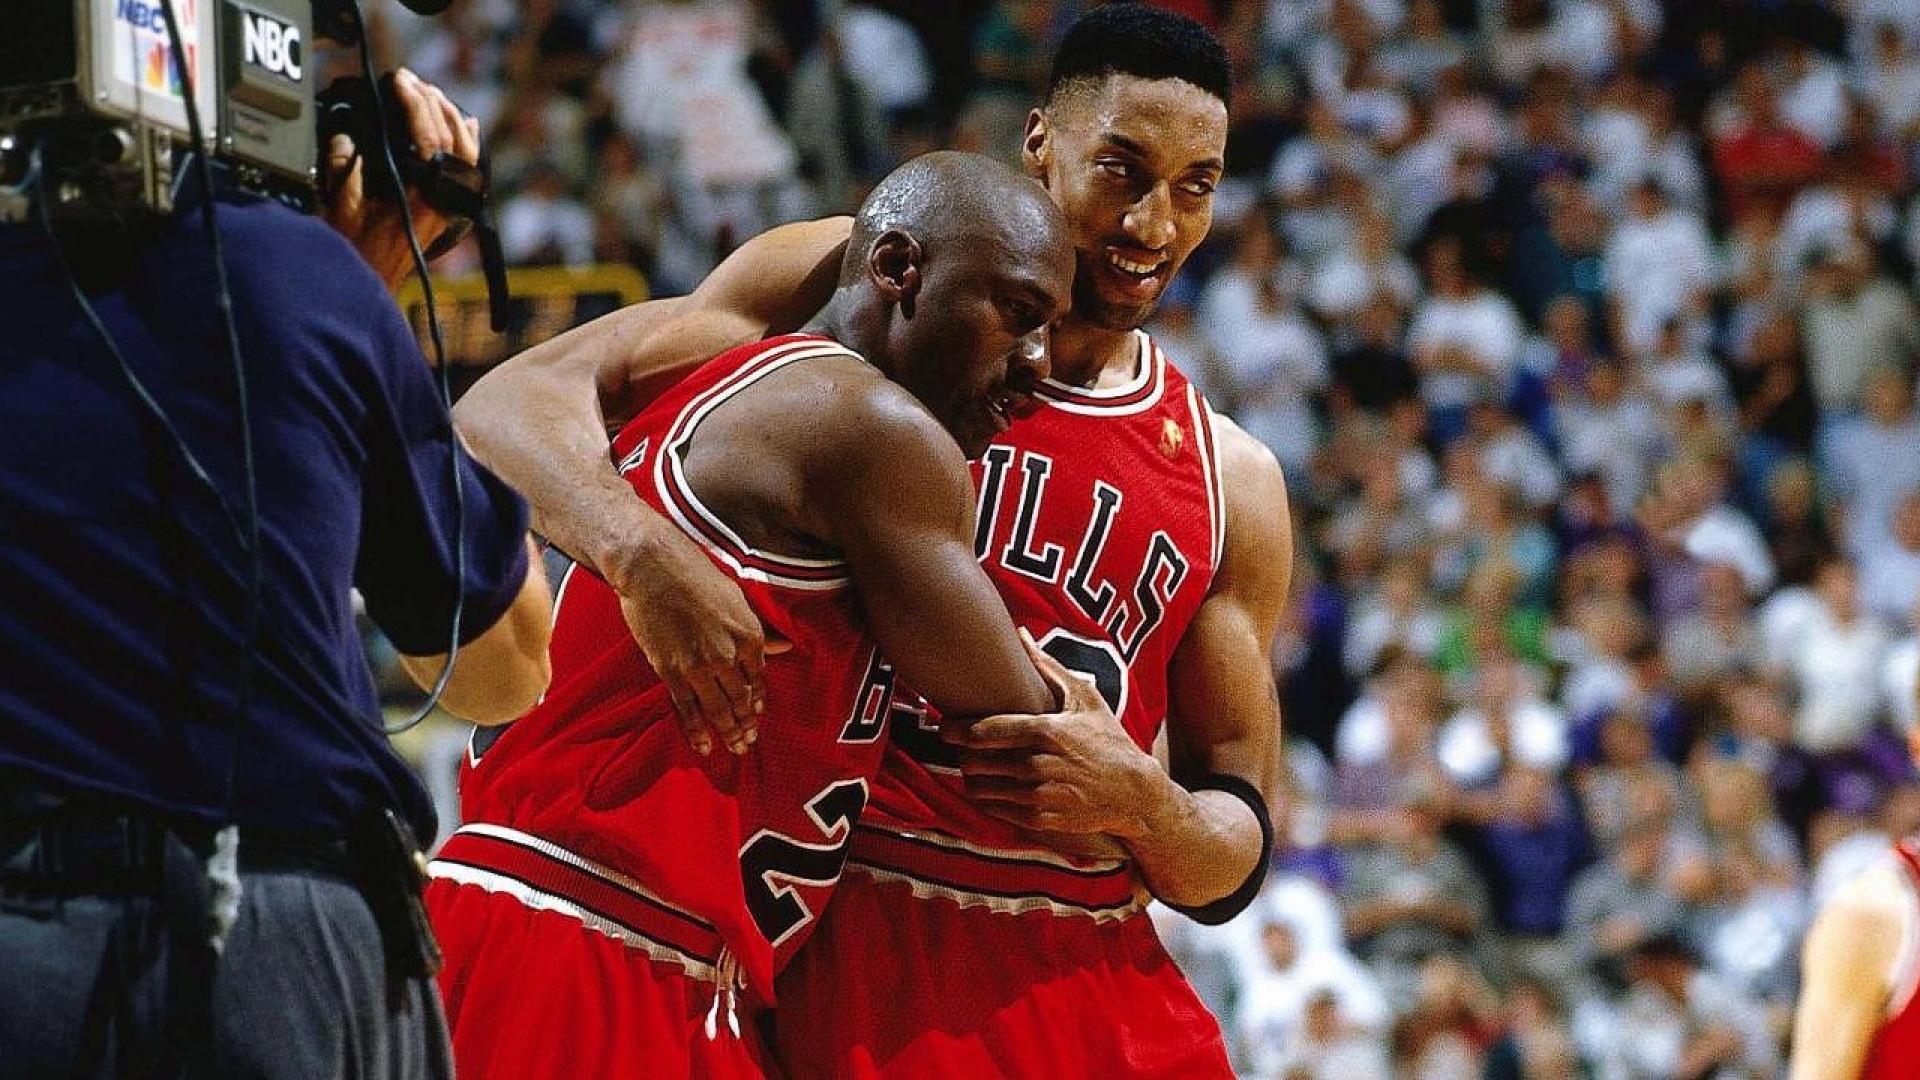 Meciul de baschet care a generat cea mai scumpa pereche de sneakers: Michael Jordan's Flu Game